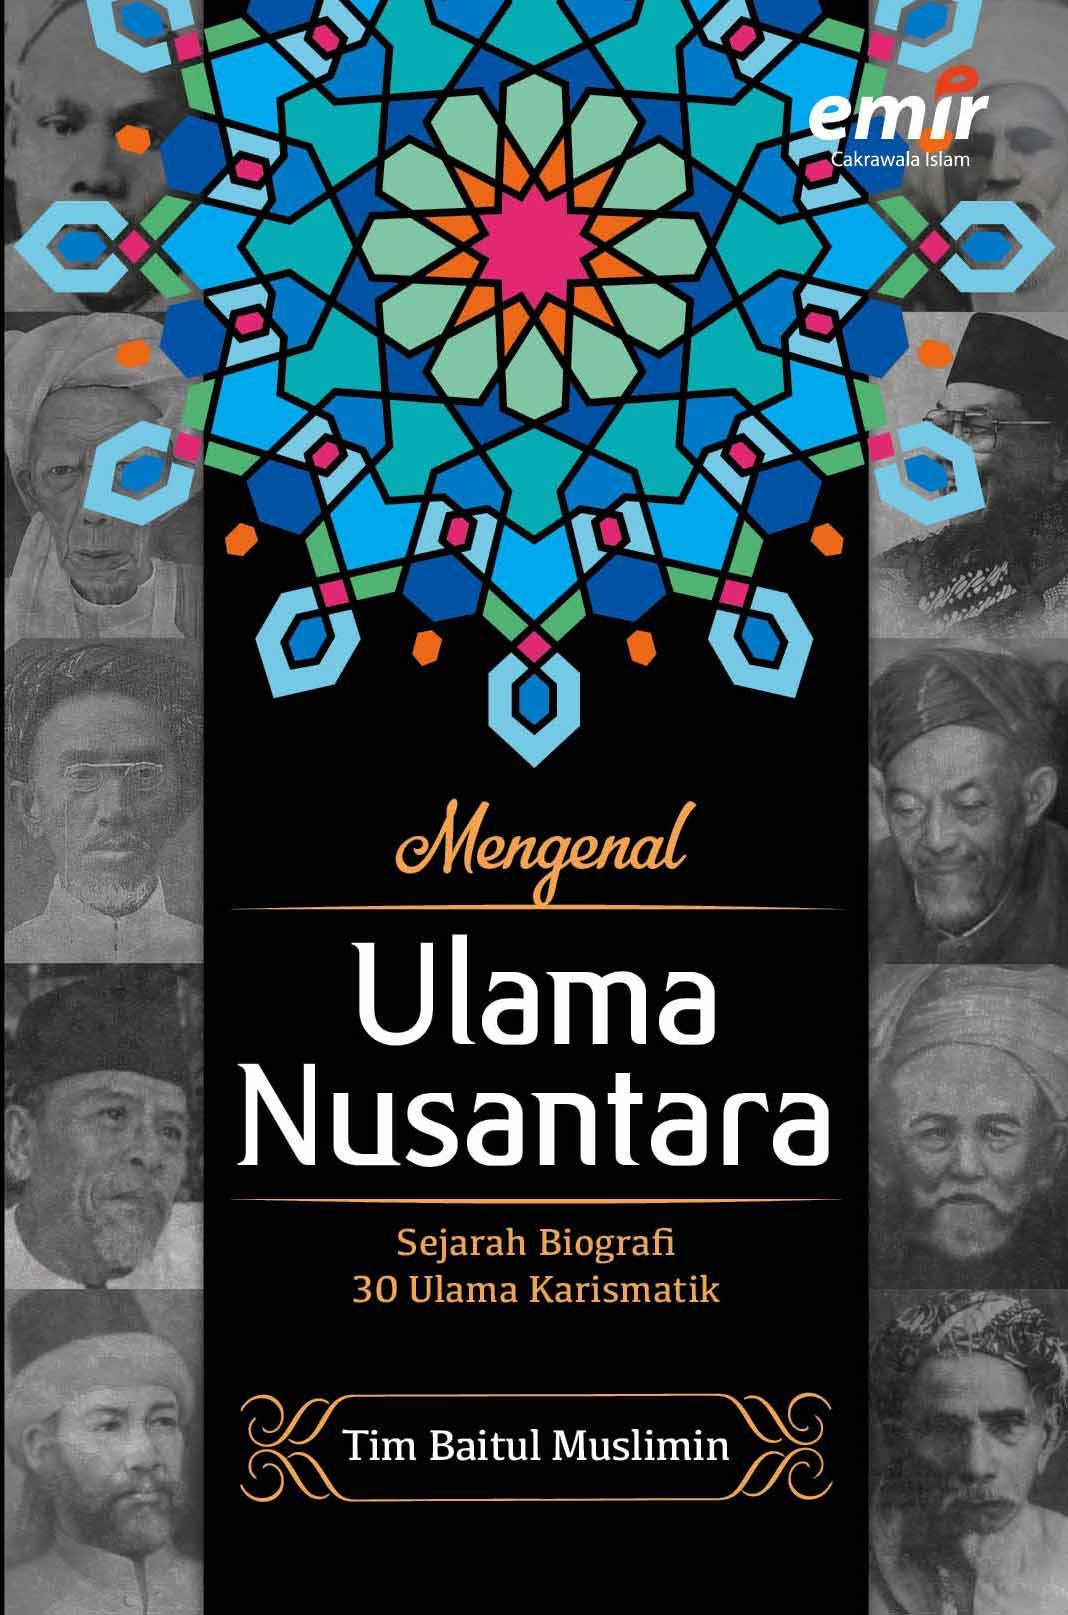 Mengenal Ulama Nusantara; Sejarah Biografi 30 Ulama Karismatik